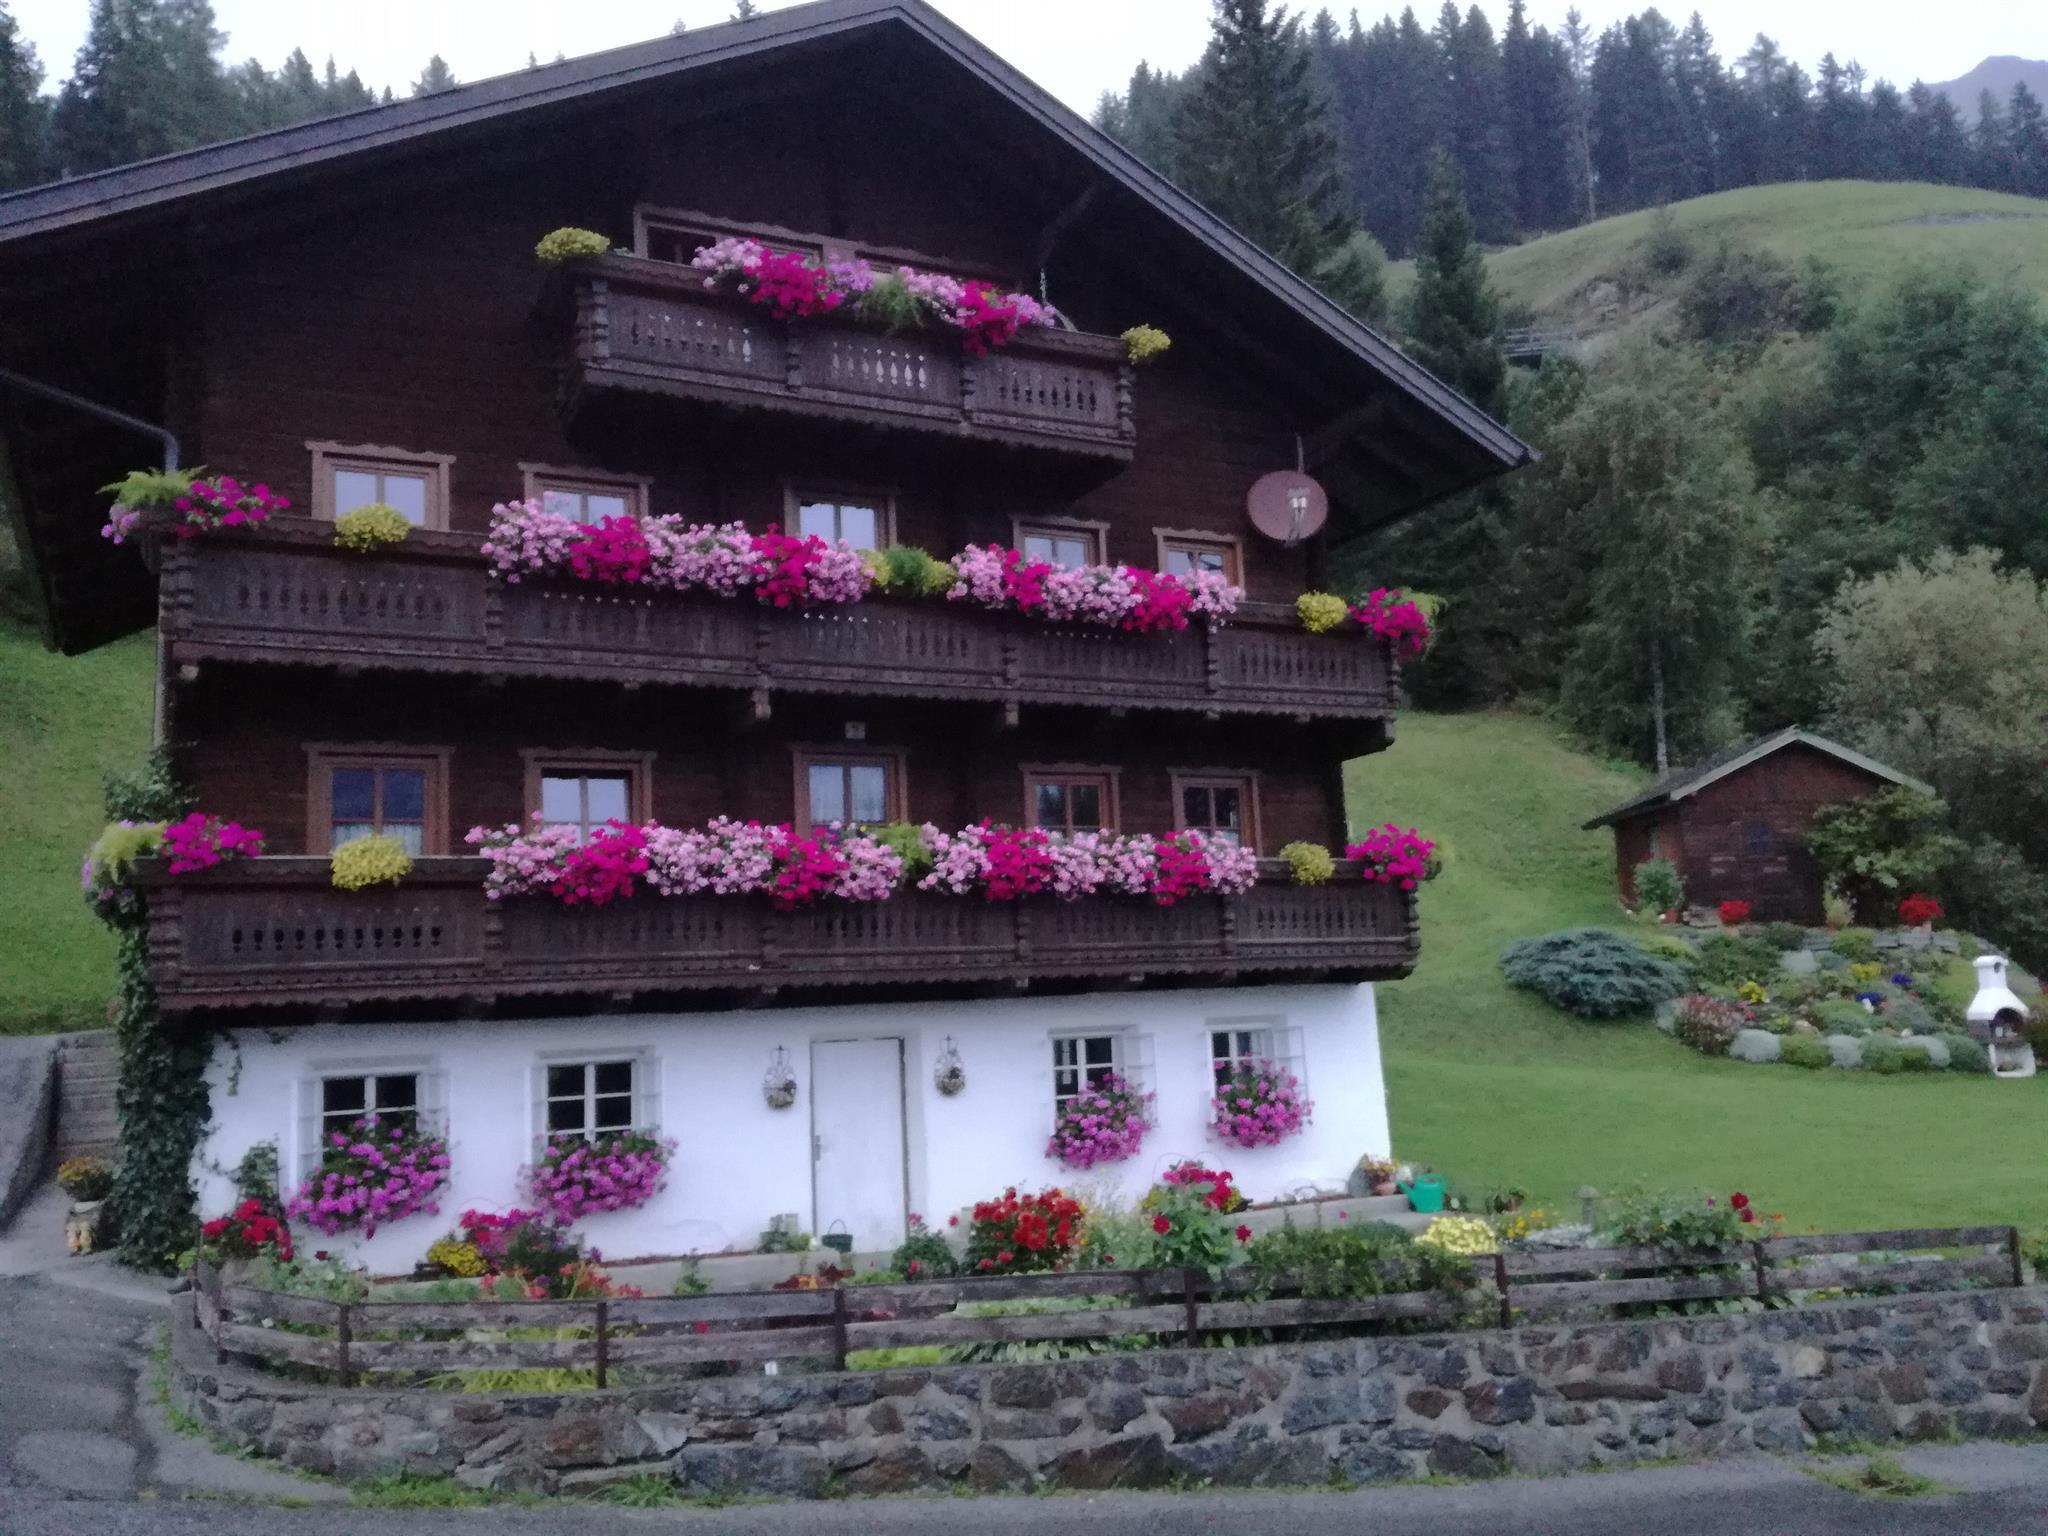 Bauernhaus-Sommer.jpg